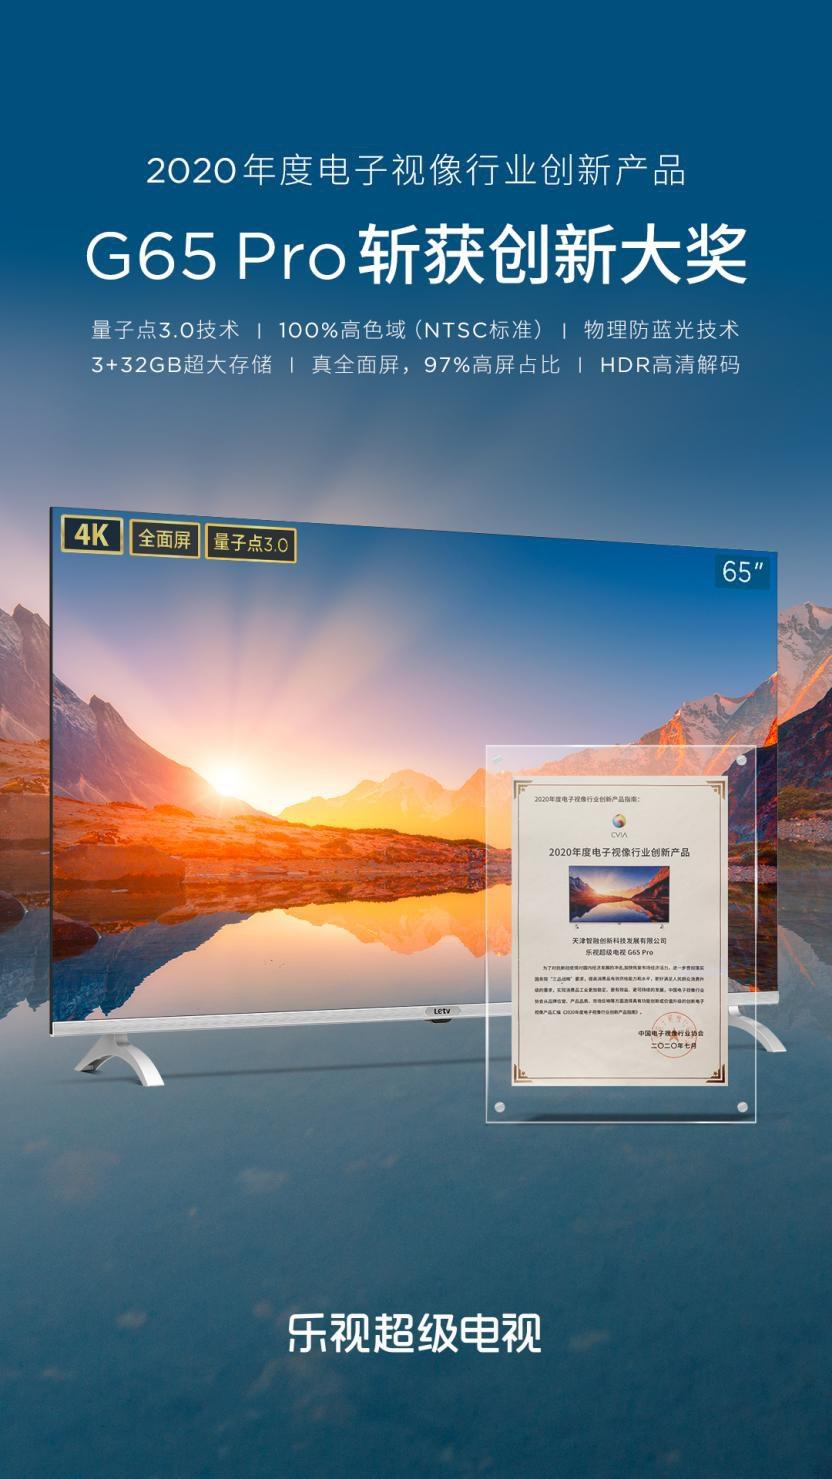 乐视超级电视携手当贝打造音乐桌面 开拓软硬件合作新生态_-_热点资讯-货源百科88网